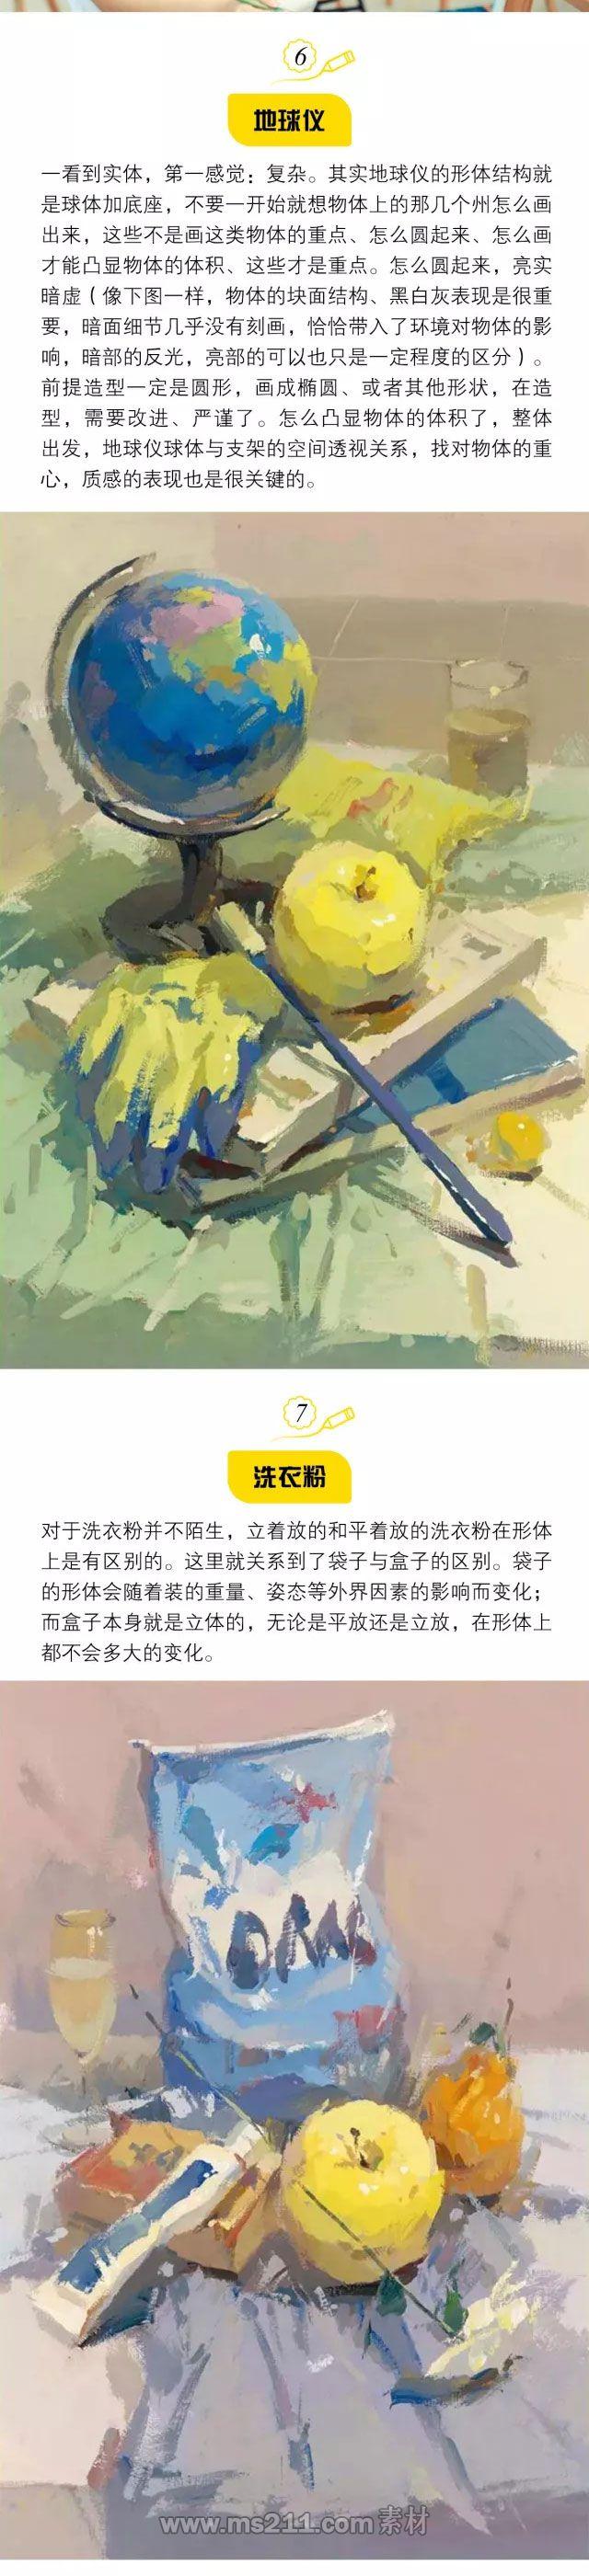 色彩静物:不常画的物体该怎么应对?(下)_01.jpg